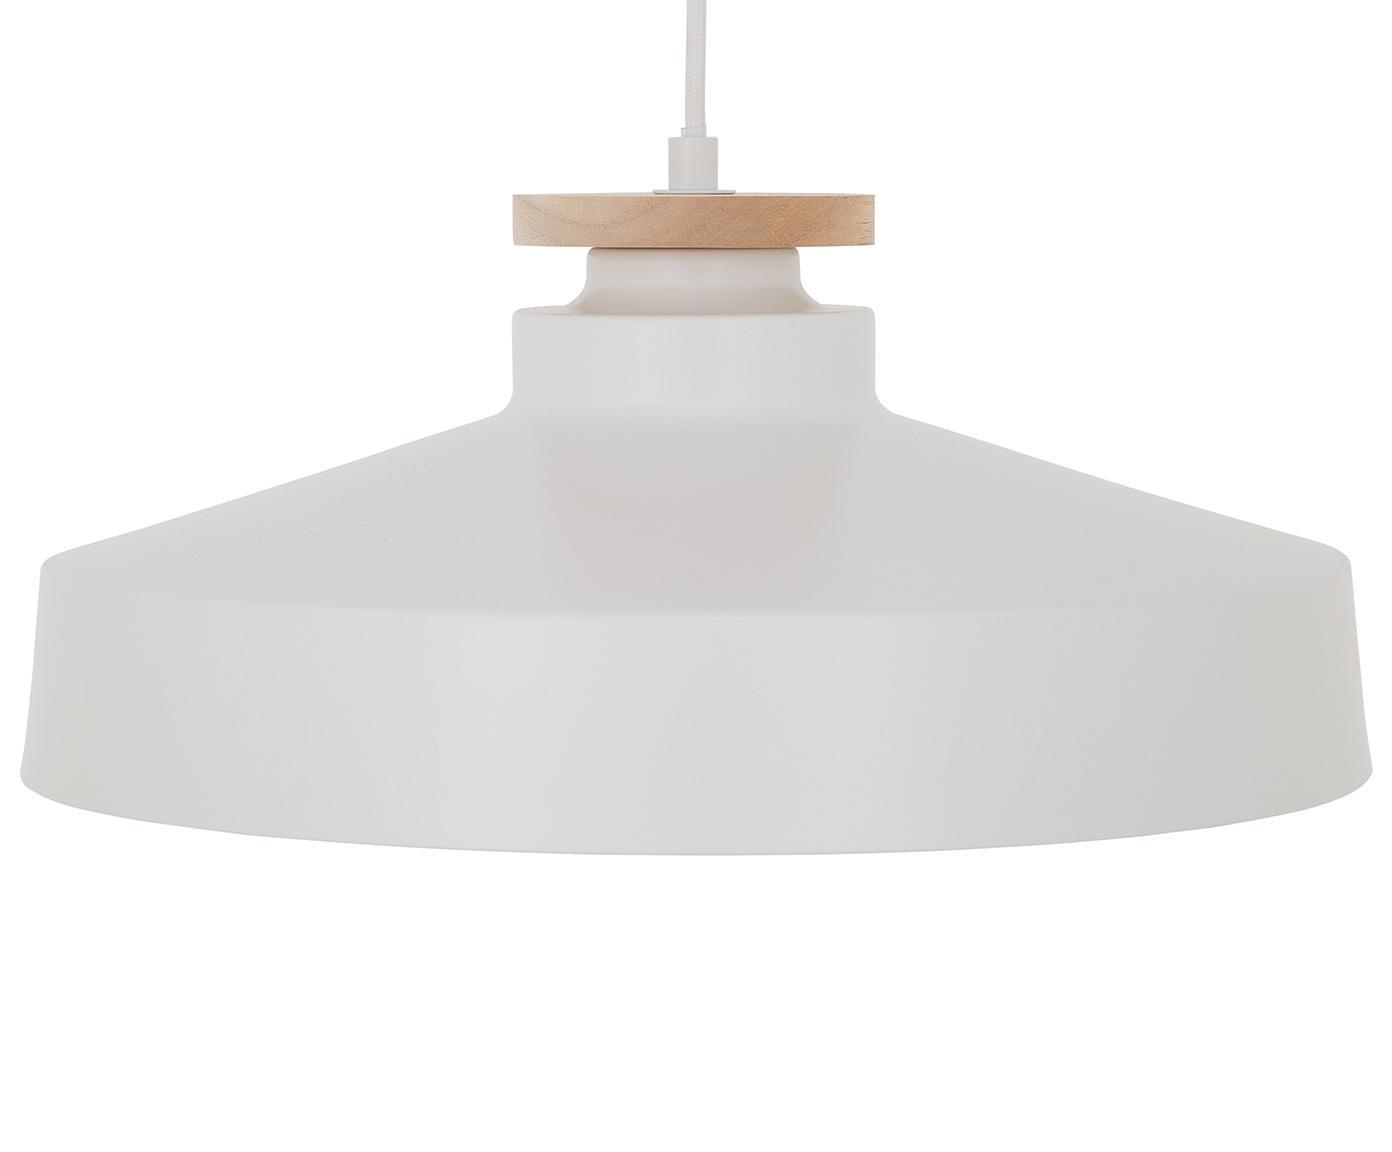 Lampa wisząca Malmö, Biały, Ø 40 x W 20 cm